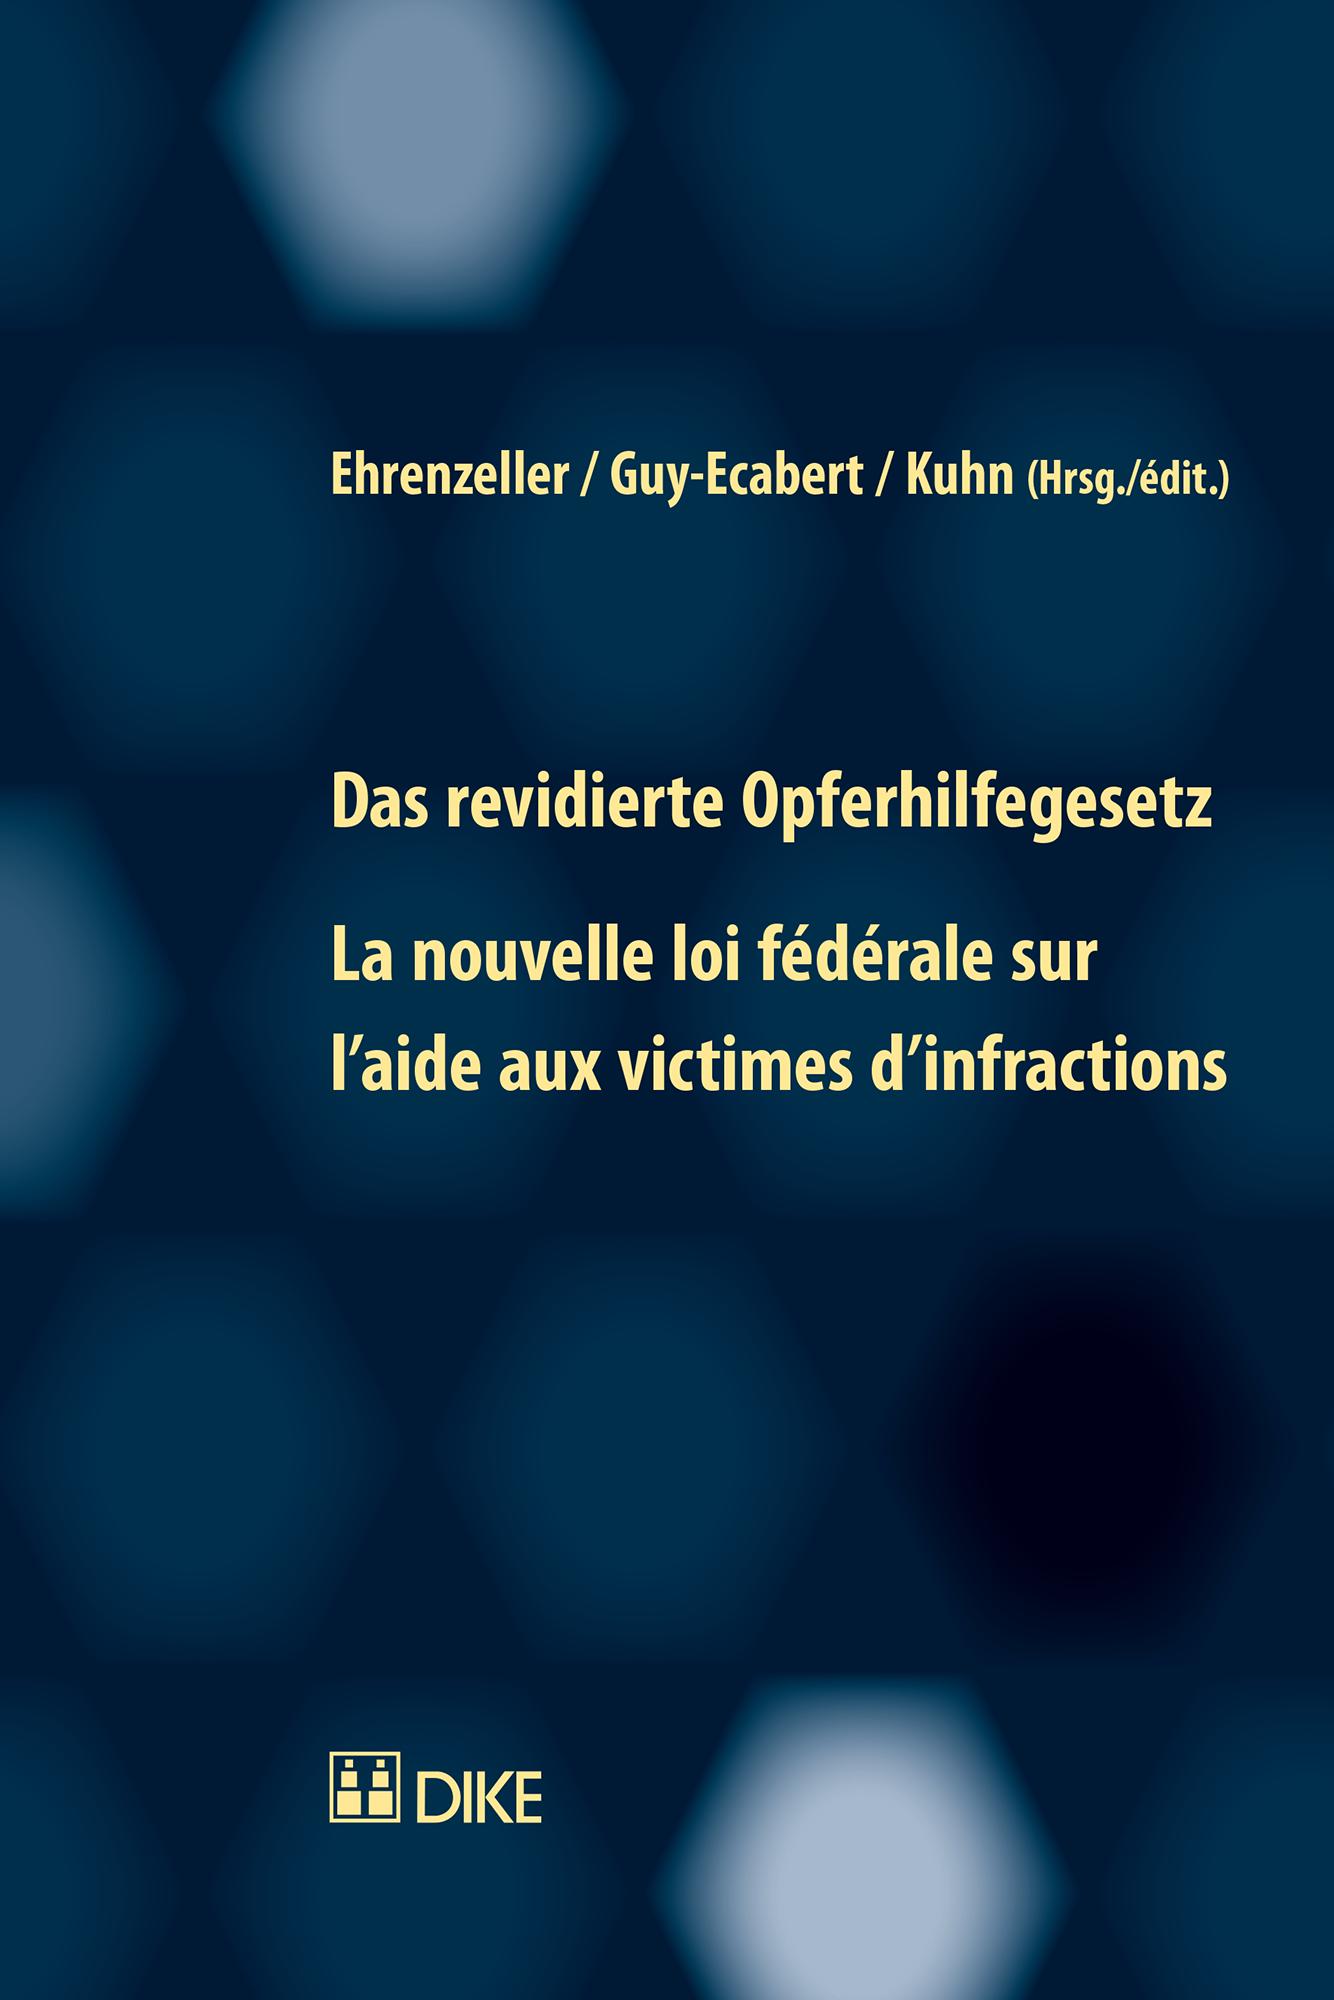 Das revidierte Opferhilfegesetz - La nouvelle loi fédérale sur l'aide aux victimes d'infractions